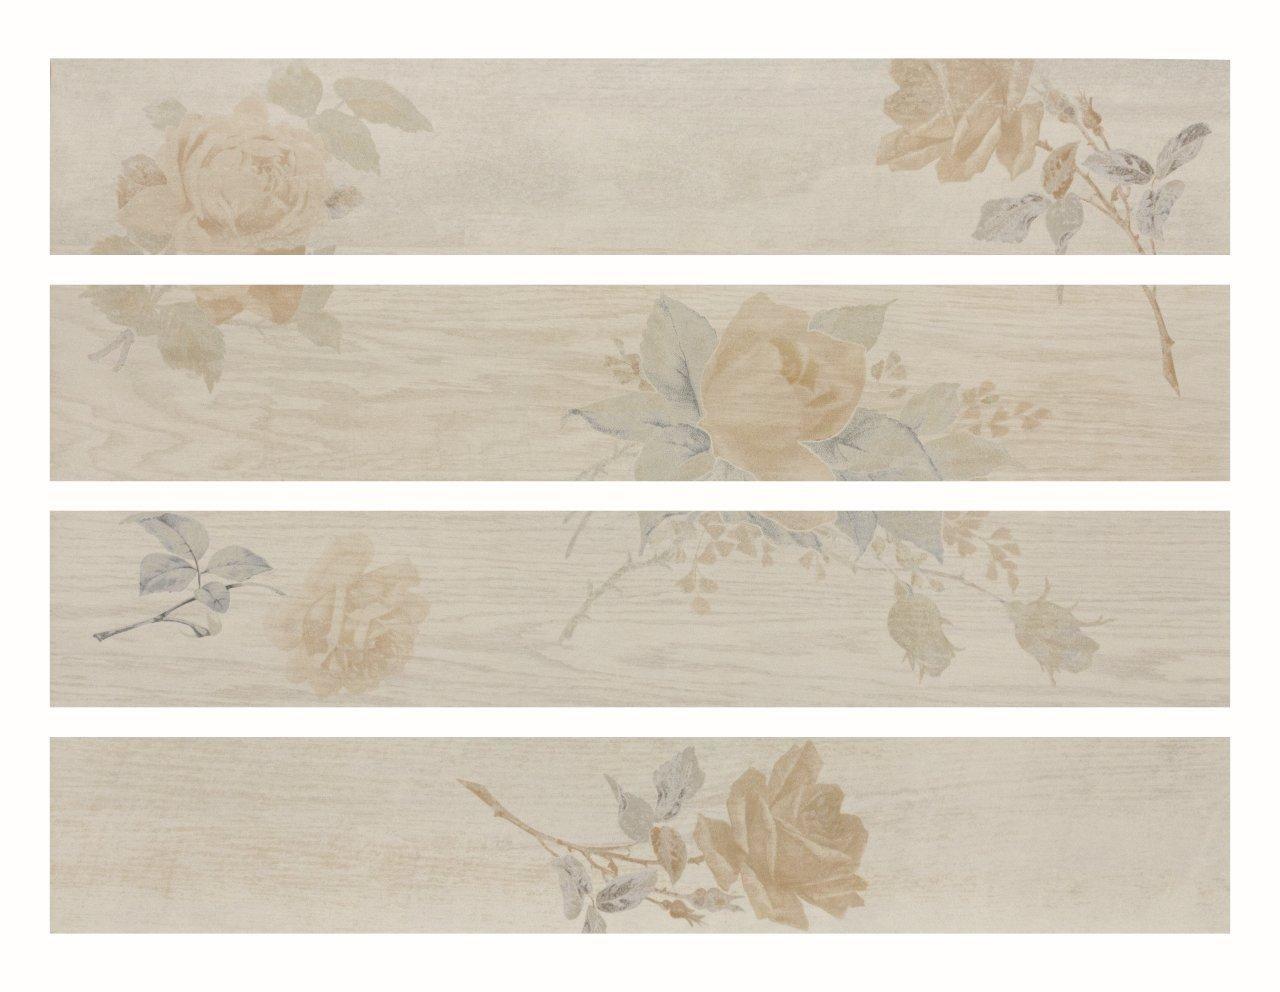 Ege seramik zemin karo modelleri pictures to pin on pinterest - Antik Beyaz